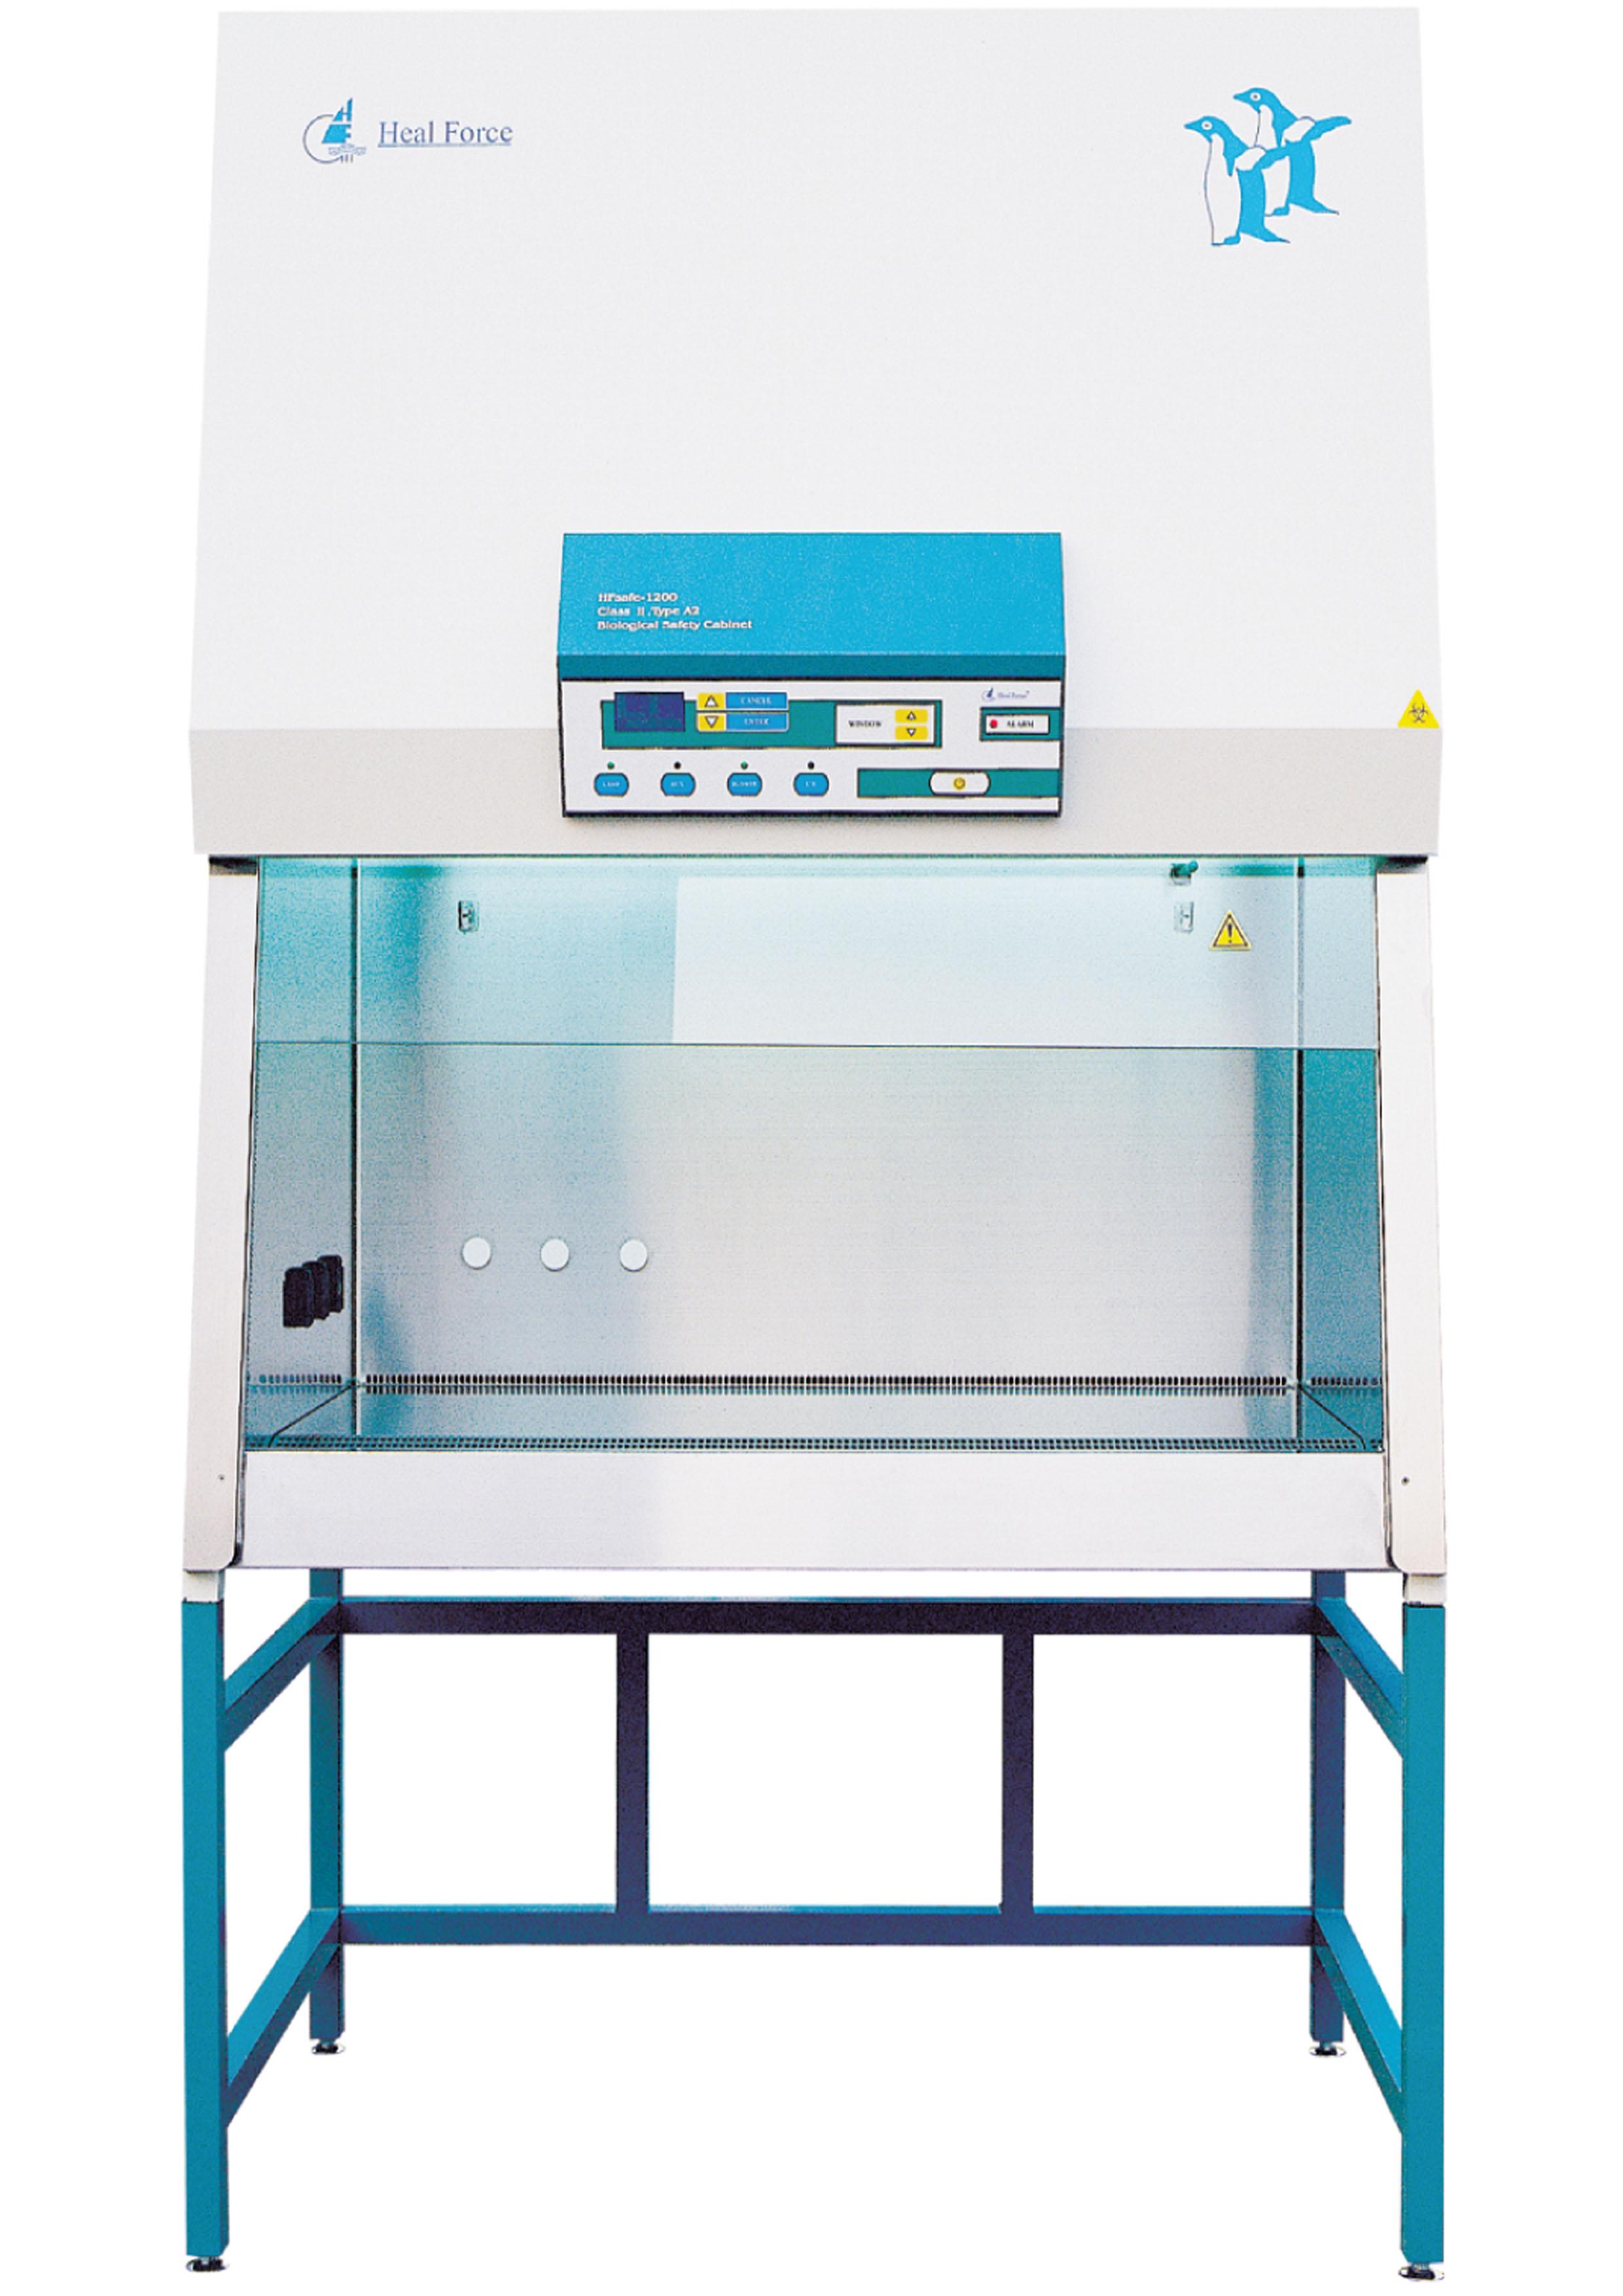 生物安全柜 HF 900 A2